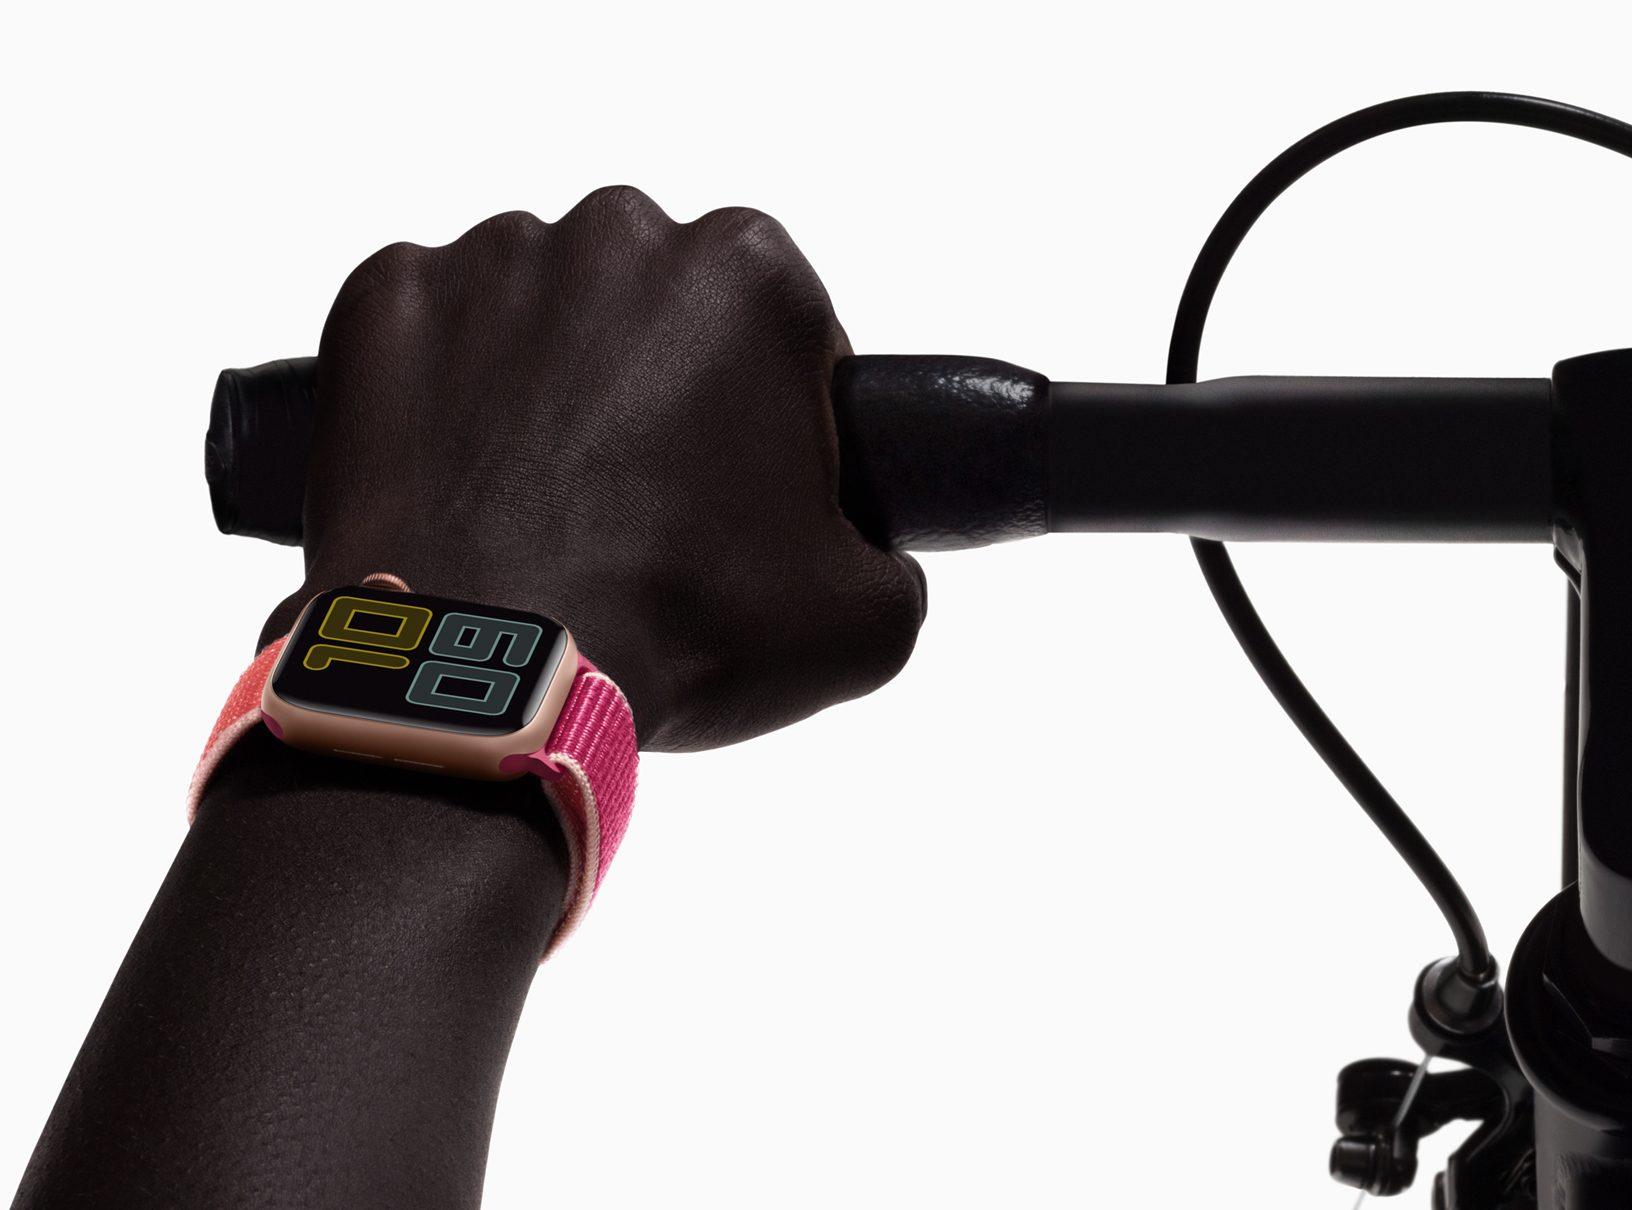 Apple Watch on wrist of biker